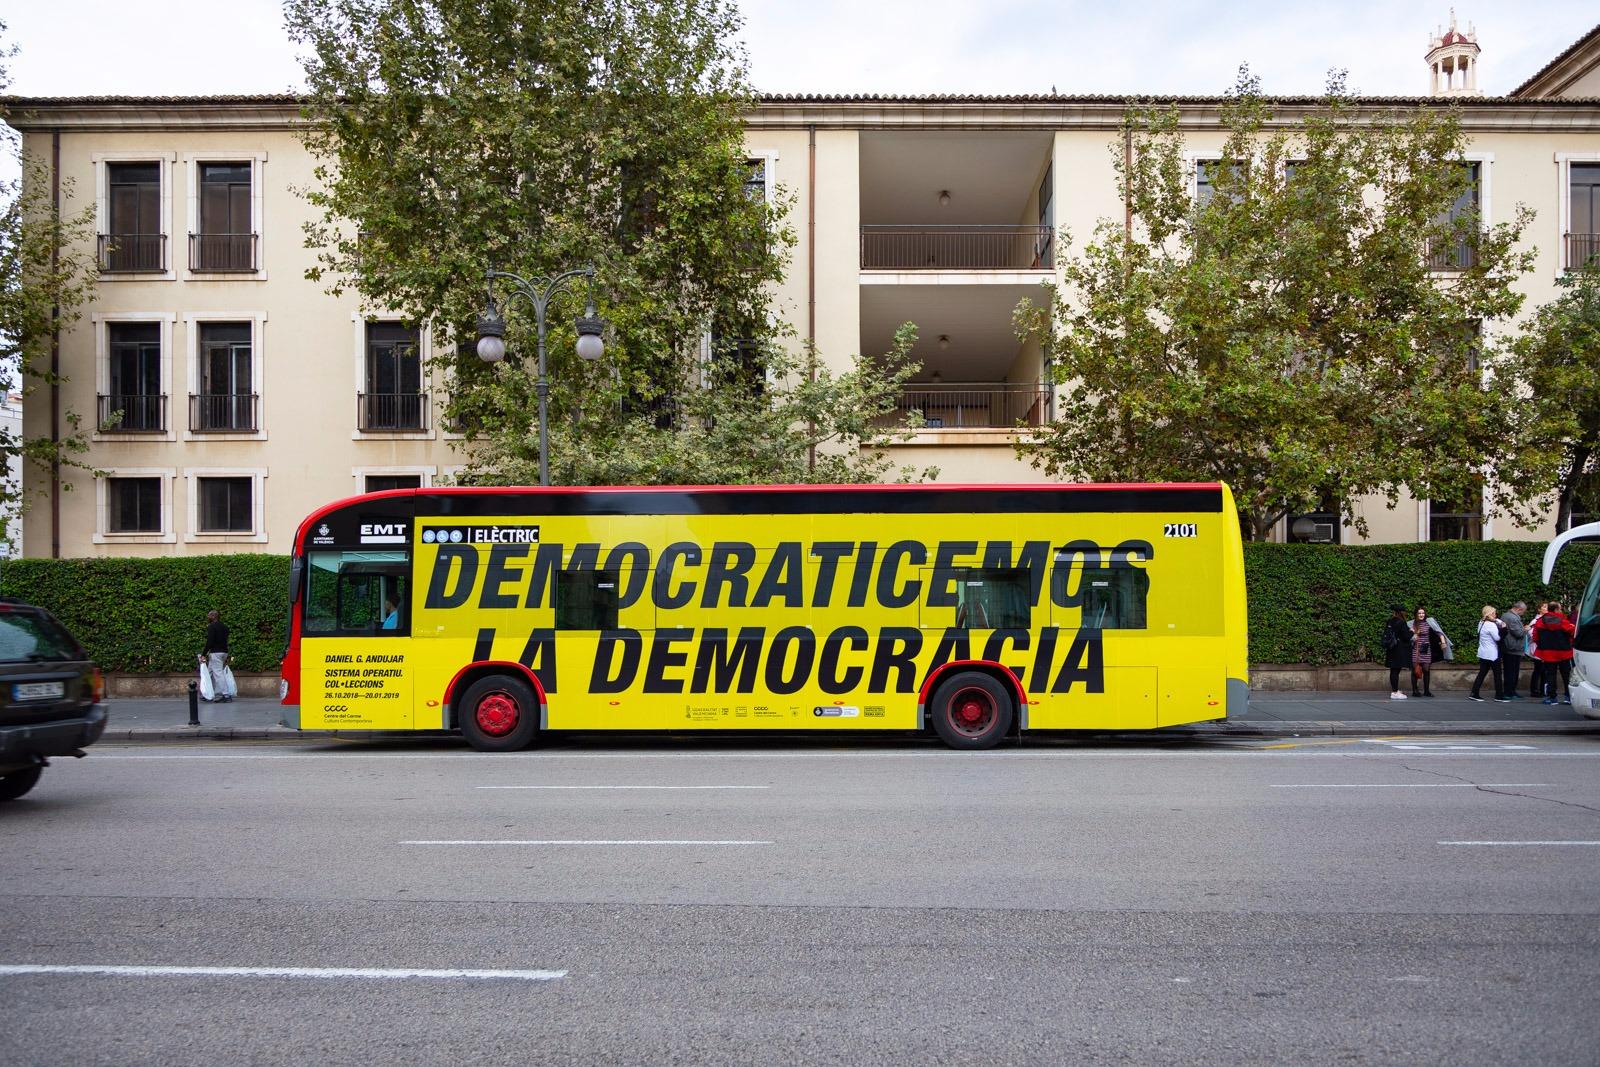 Daniel G. Andújar (2011) Democraticemos la democracia (Democratise democracy)